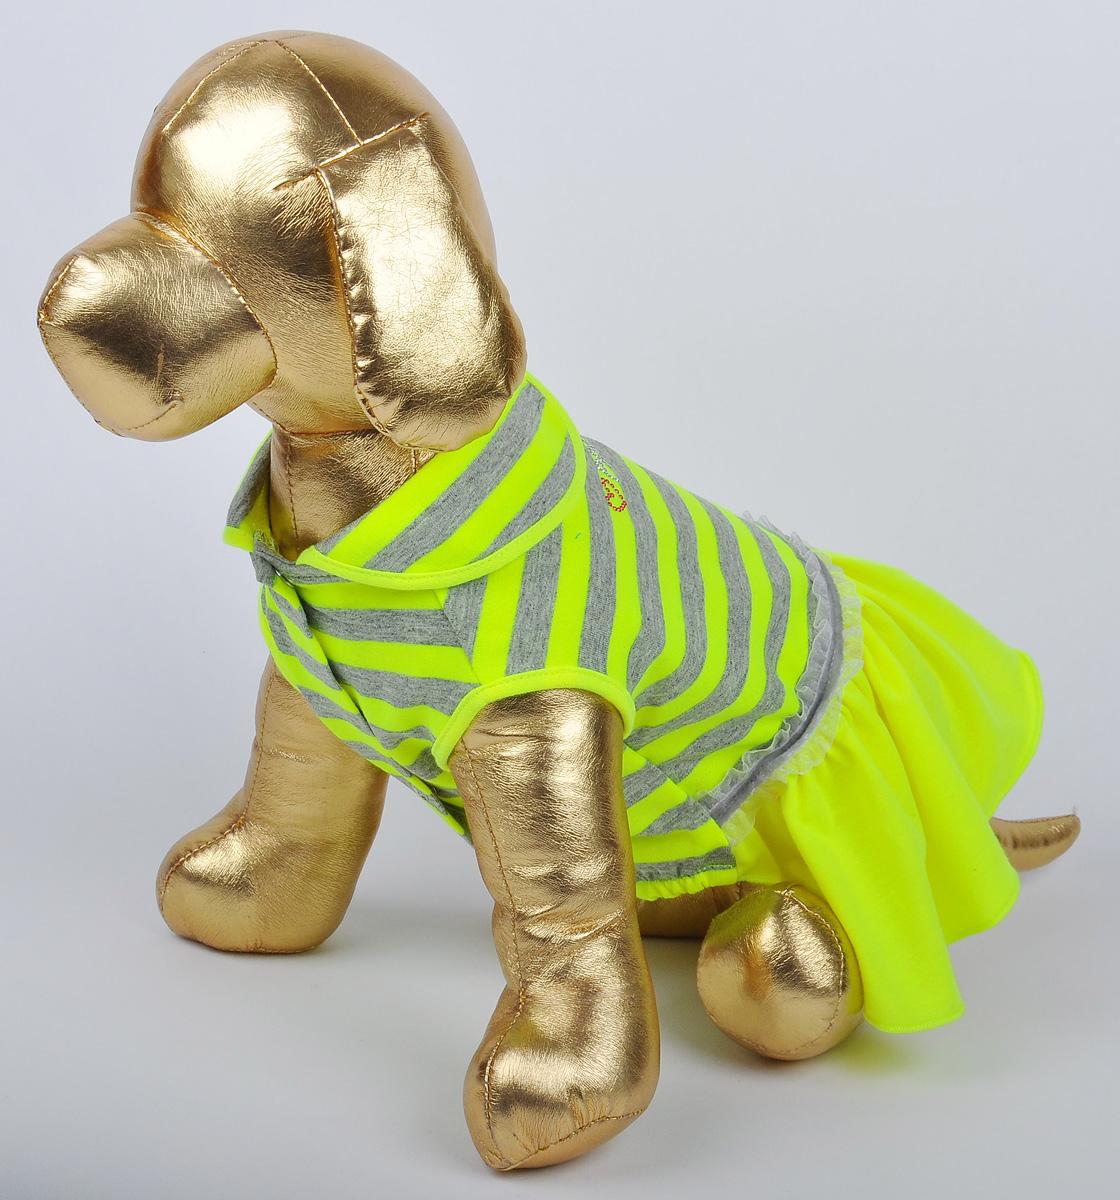 Платье для собак GLG Фэшн Ультра. Размер LMOS-006-YELLOW-LПлатье для собак GLG Фэшн Ультра выполнено из вискозы. Рукава не ограничивают свободу движений, и собачка будет чувствовать себя в нем комфортно. Изделие застегивается с помощью кнопок..Модное и невероятно удобное платье защитит вашего питомца от пыли и насекомых на улице, согреет дома или на даче. Длина спины: 28-30 см Обхват груди: 43-45 см.